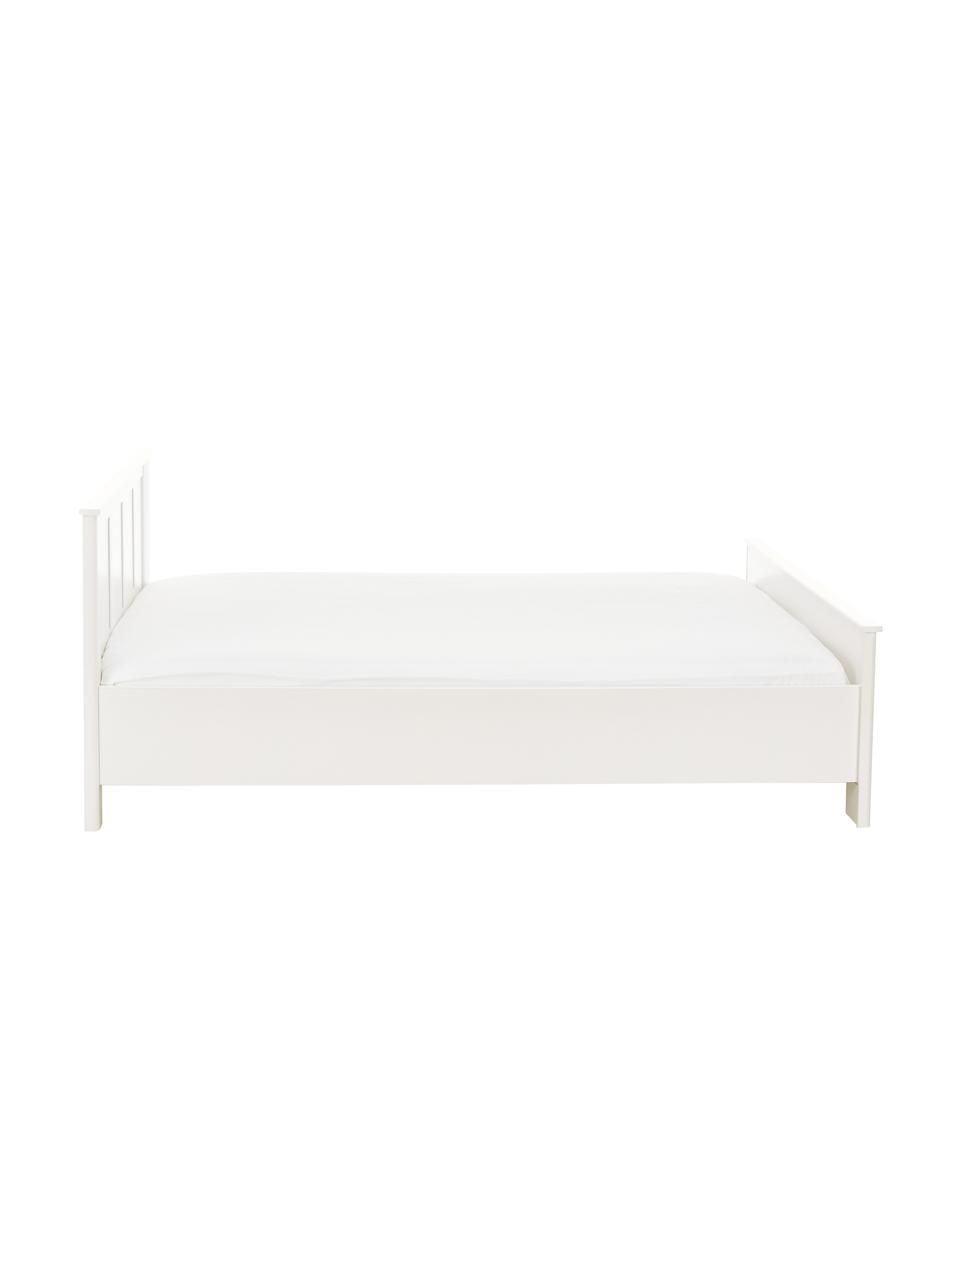 Letto in legno bianco Chalet, Truciolato sventato, Bianco, 160 x 200 cm